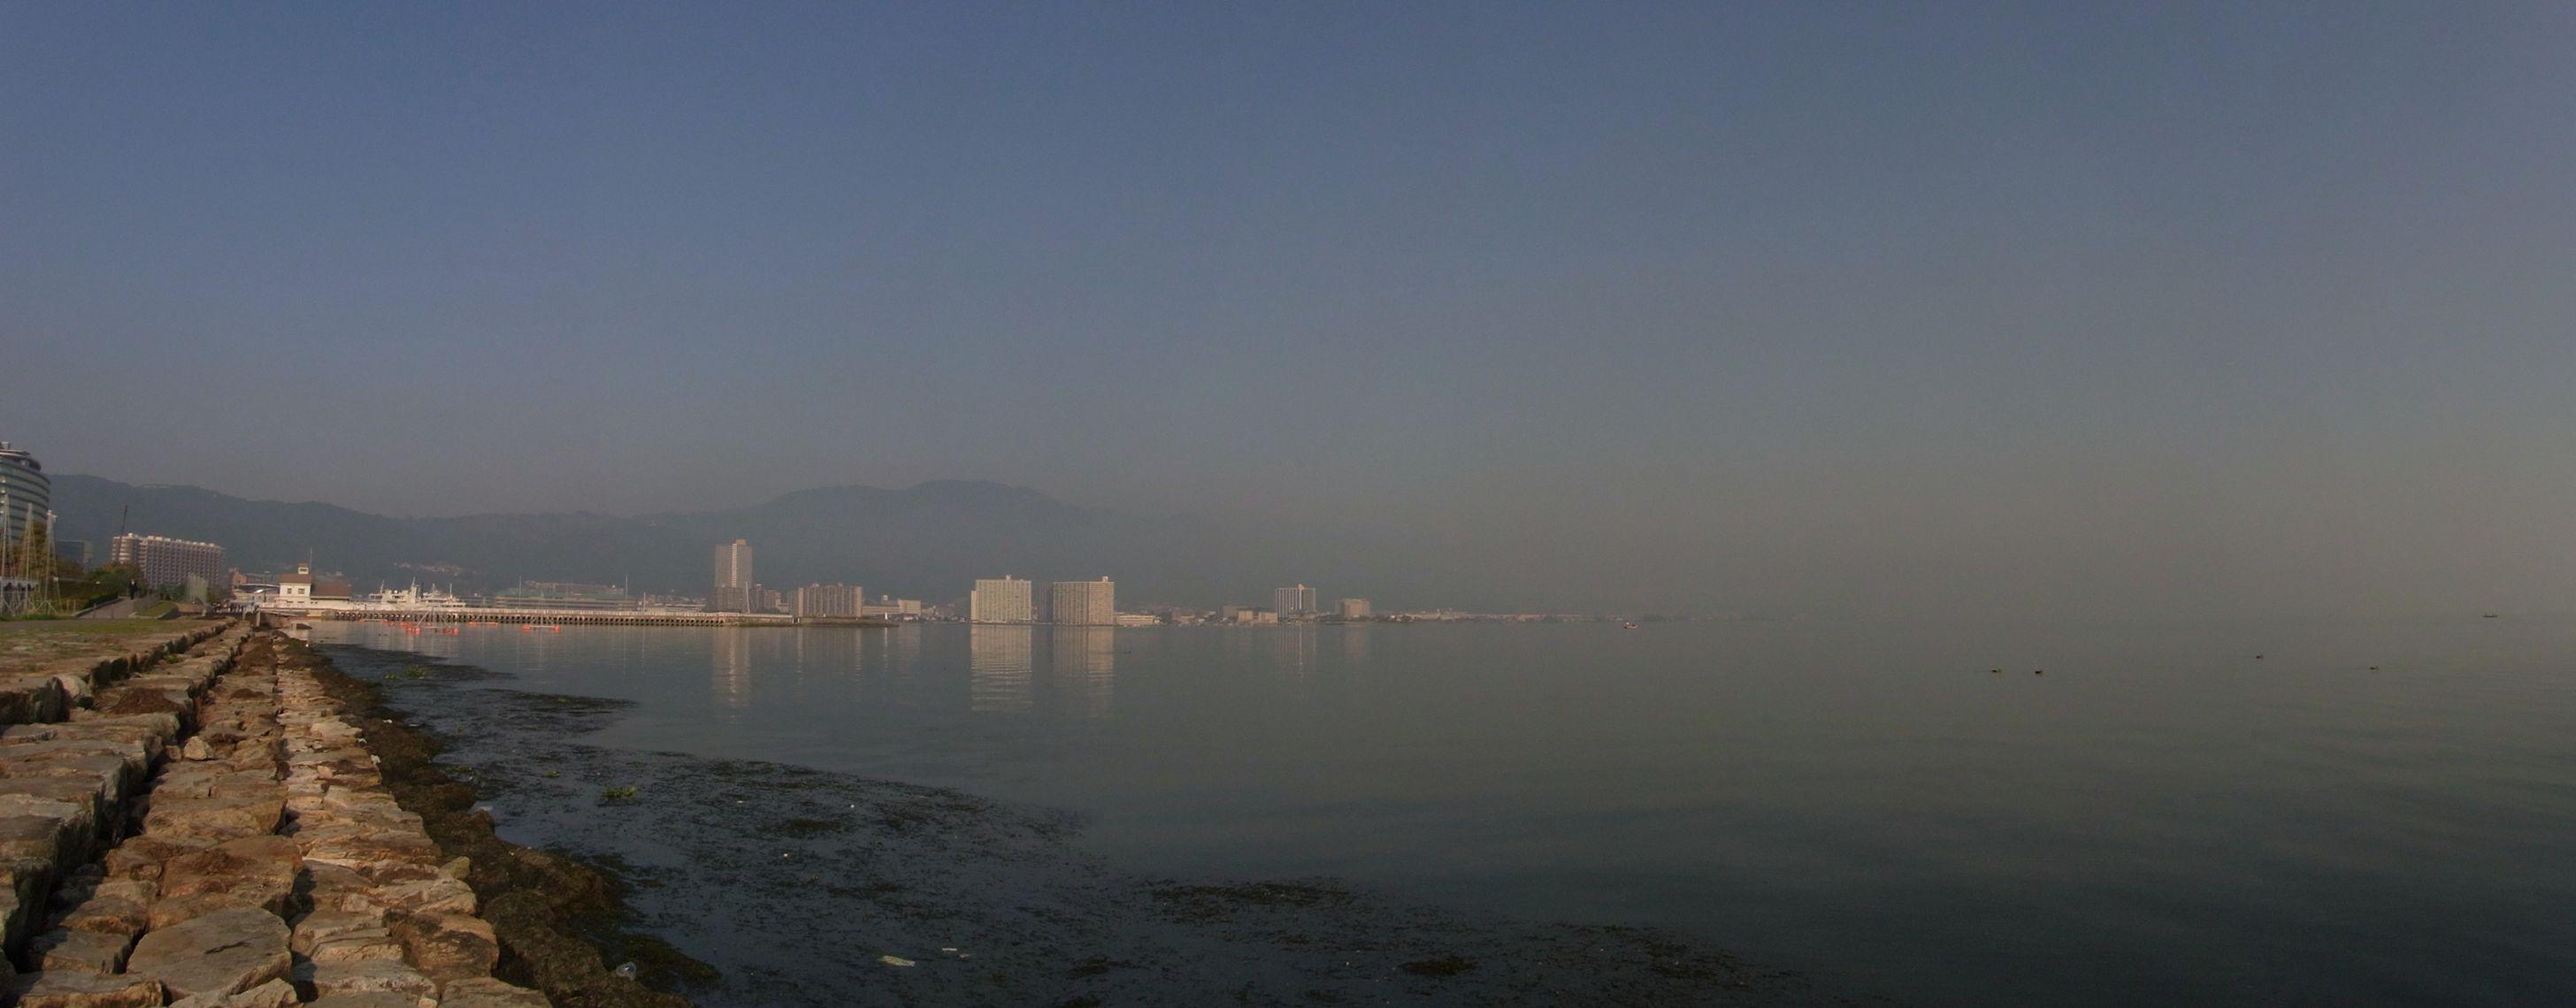 高く見えているのが比叡山。